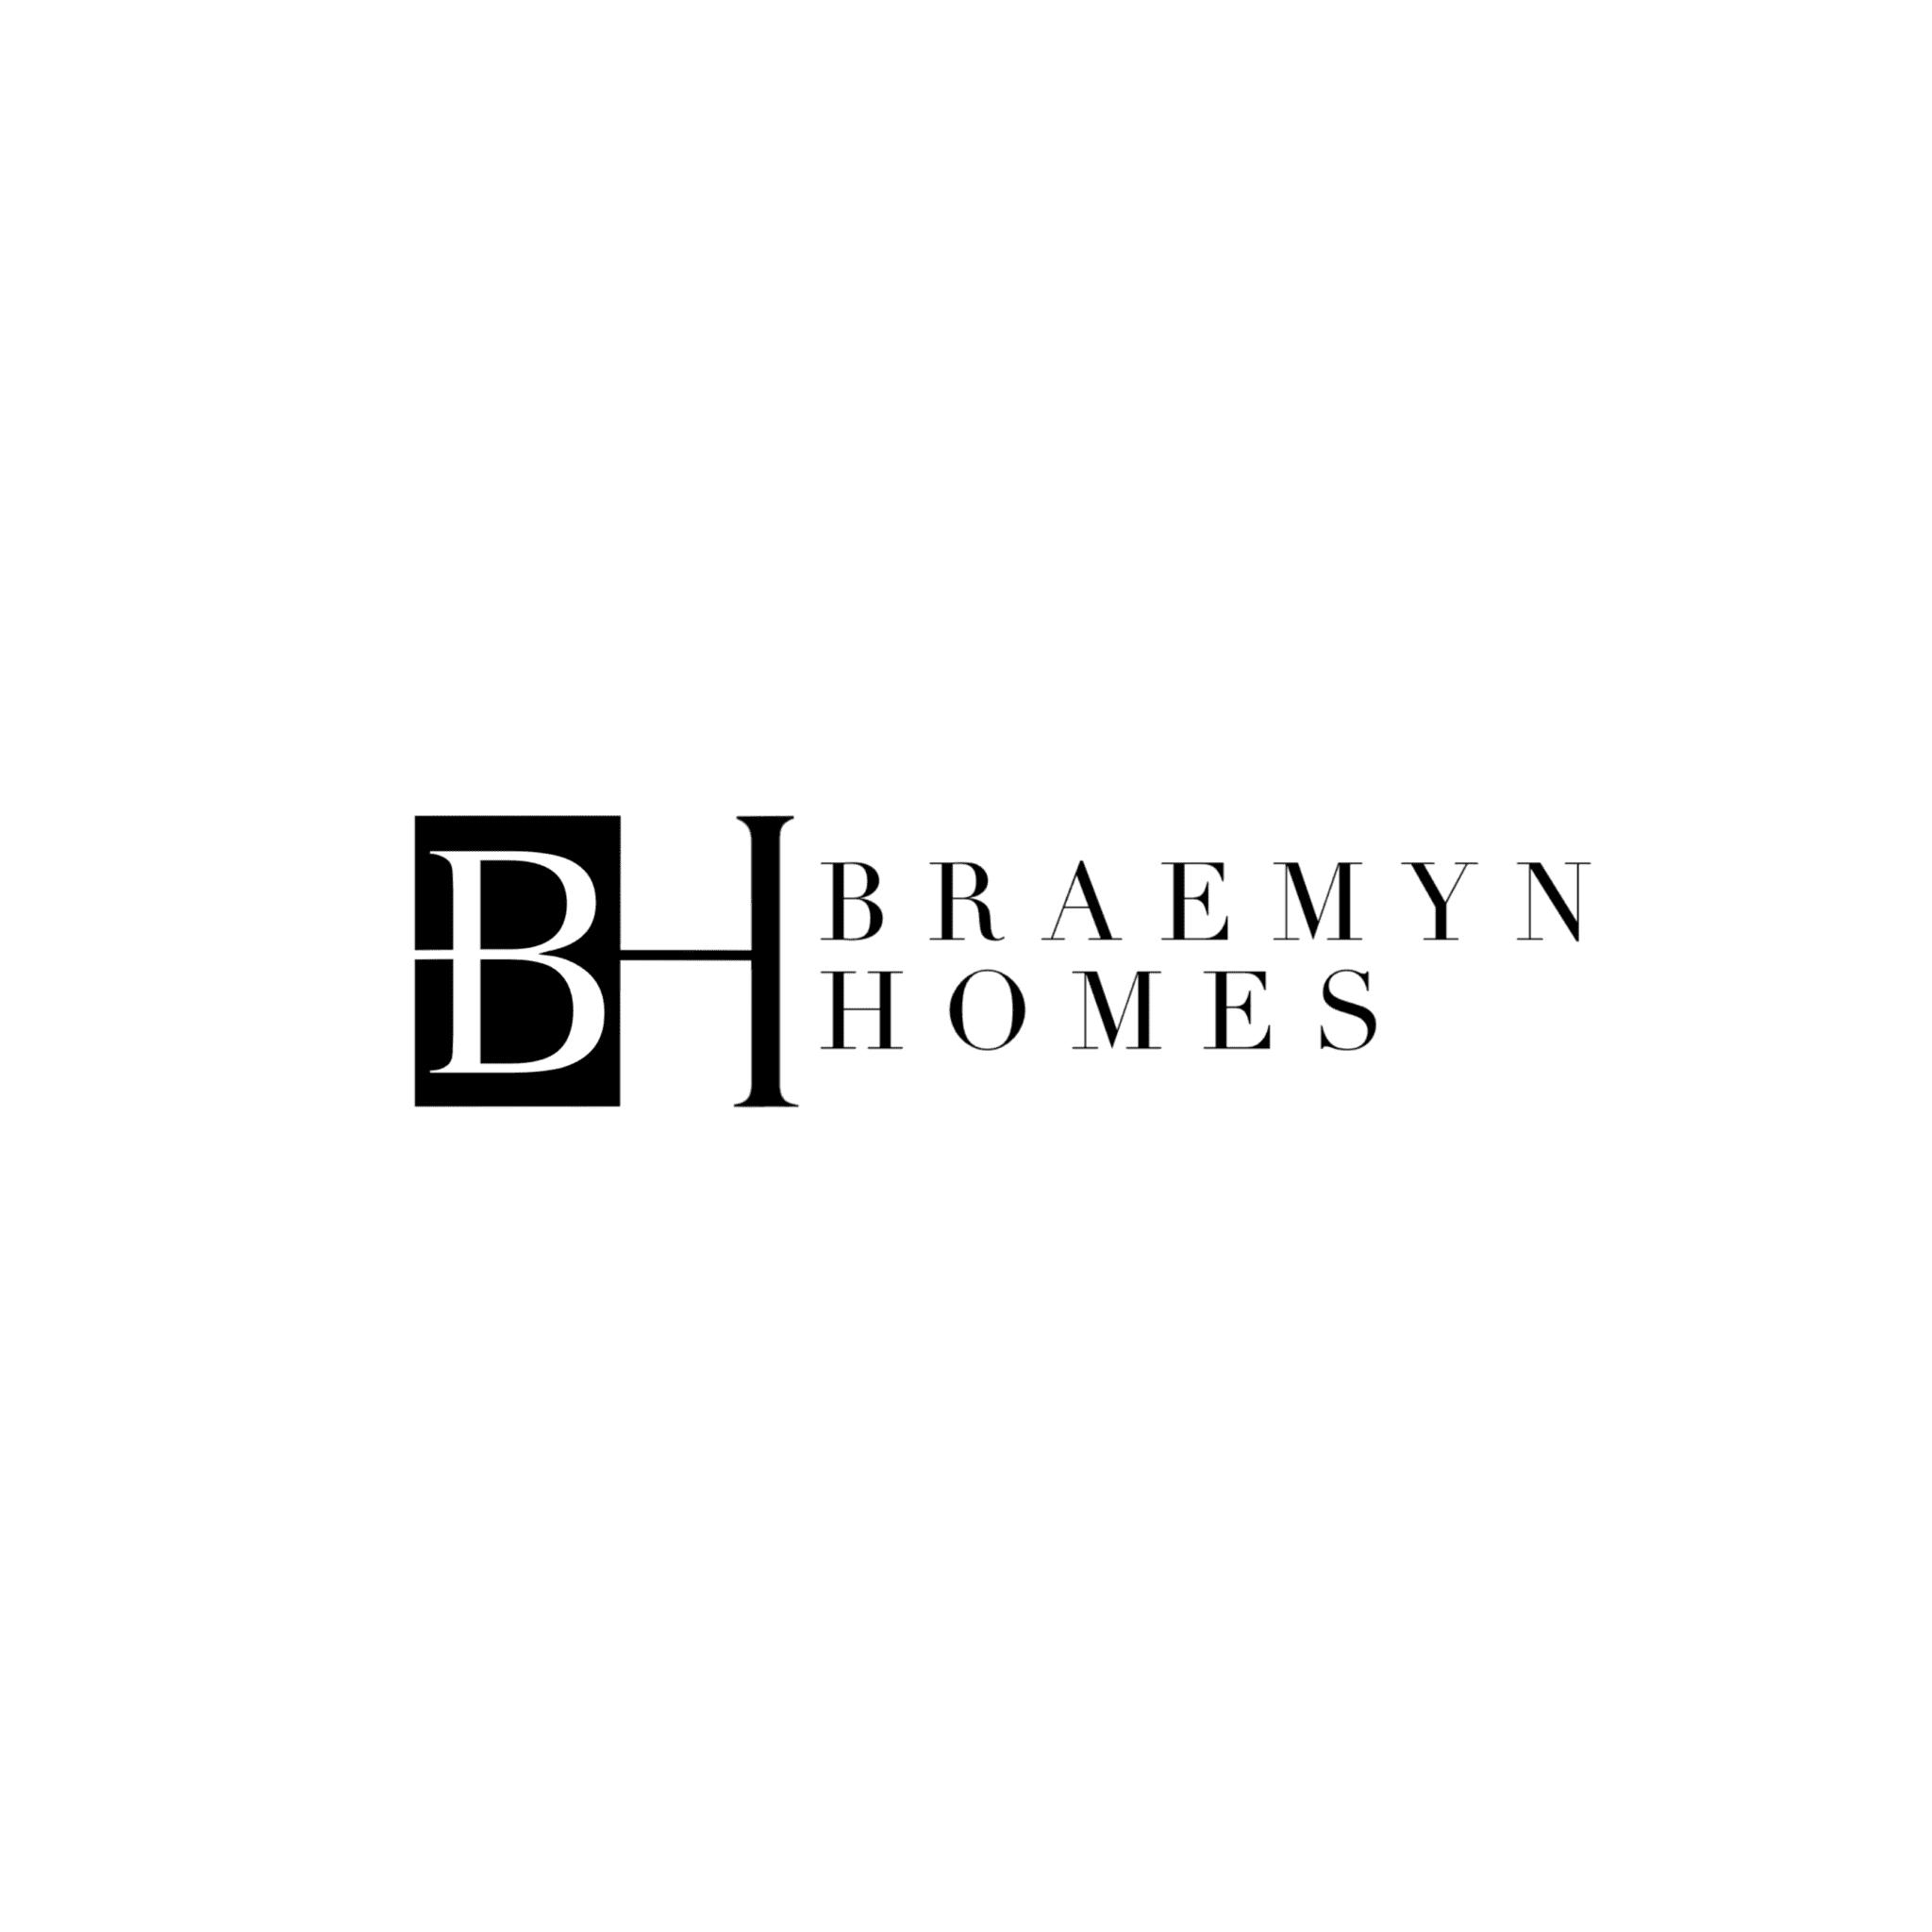 Braemyn Logo Design